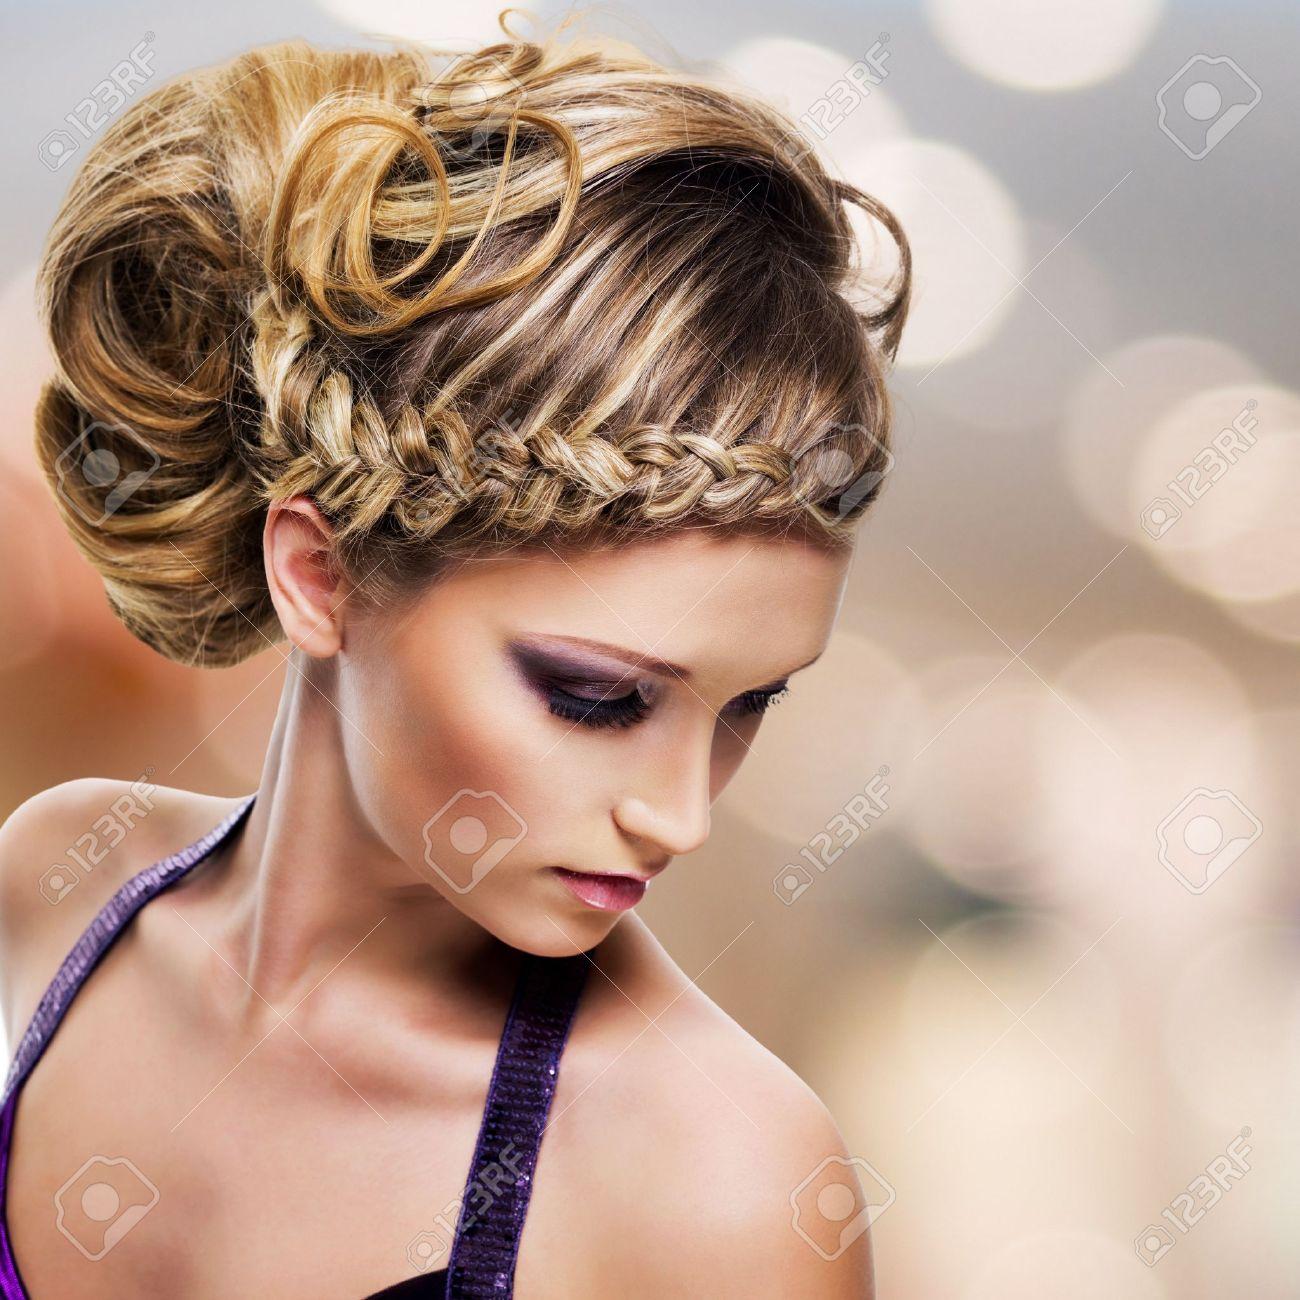 Foto de archivo - Retrato de ángulo alto de la hermosa mujer con el peinado  - fondo de la moda actual 30e907d5e09e